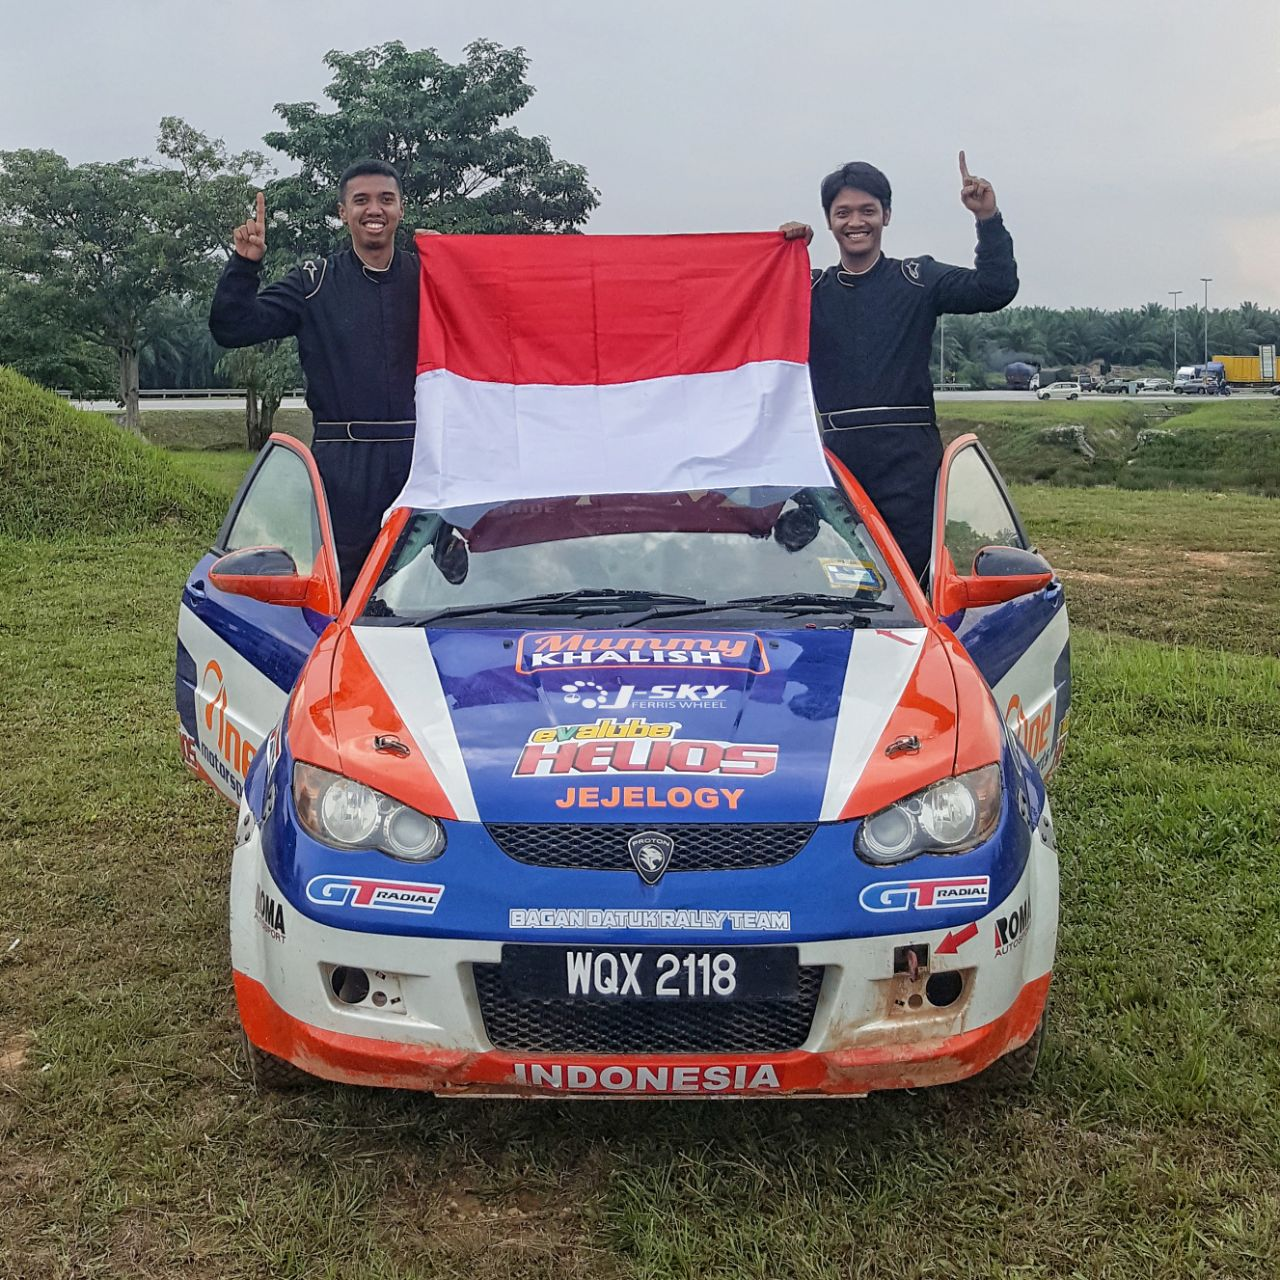 One Motorsport GT Radial Evalube Helios mewujudkan Impian Anak Bangsa